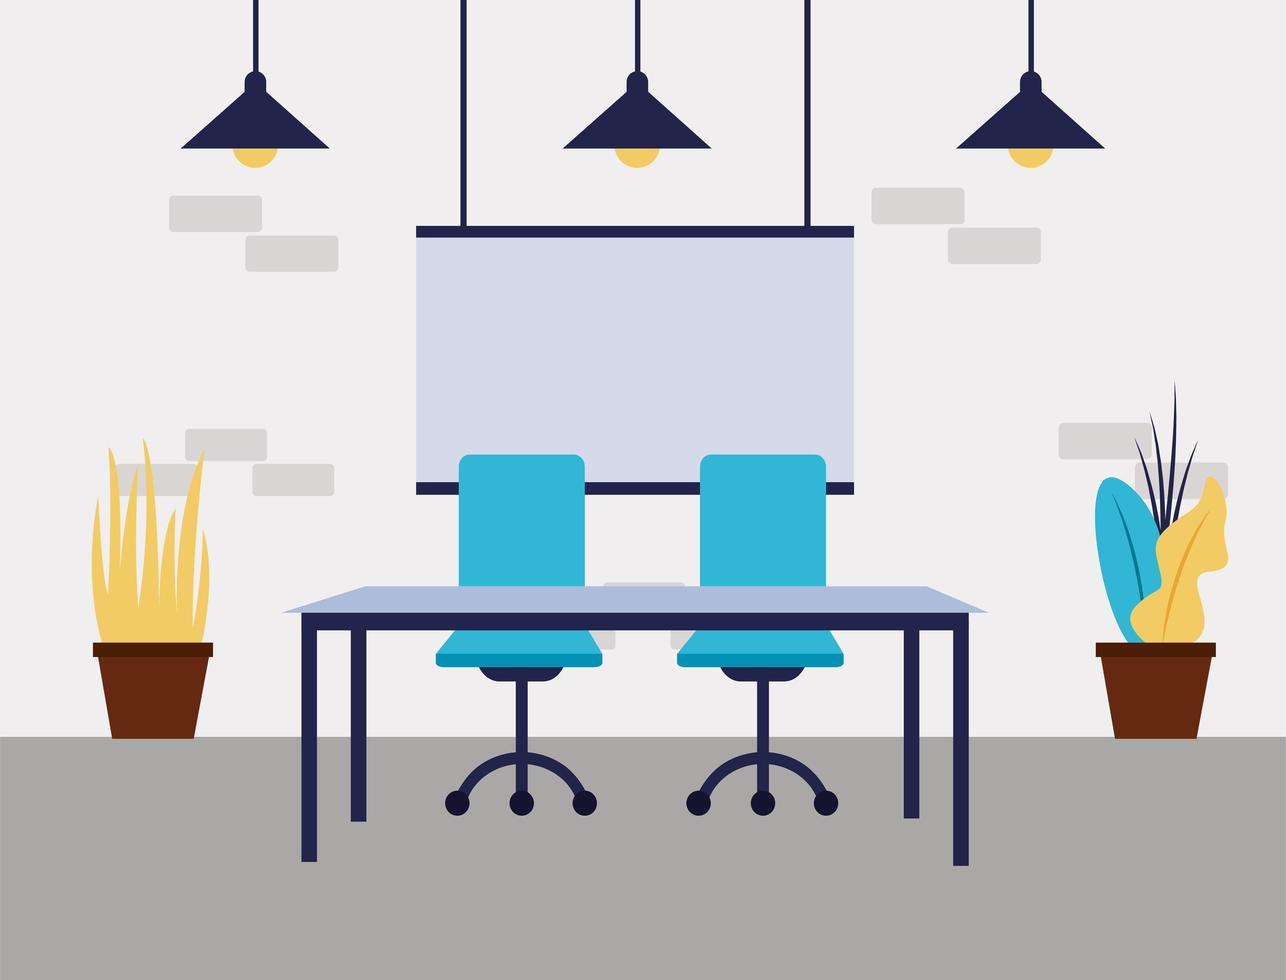 kontorsskrivbord med stolar vektordesign vektor